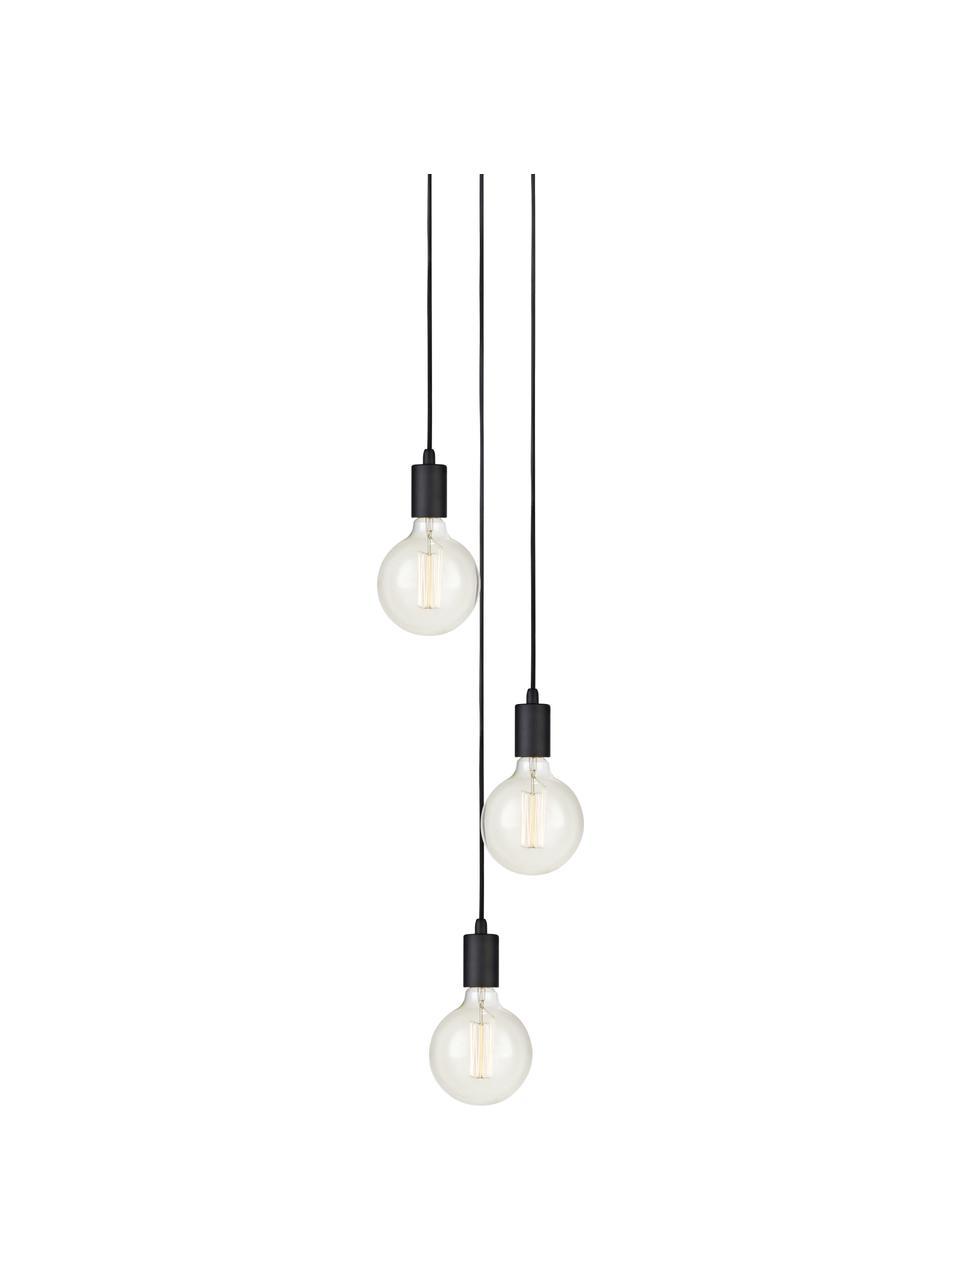 Suspension industrielle 3 lampes ampoule nue Sky, Noir